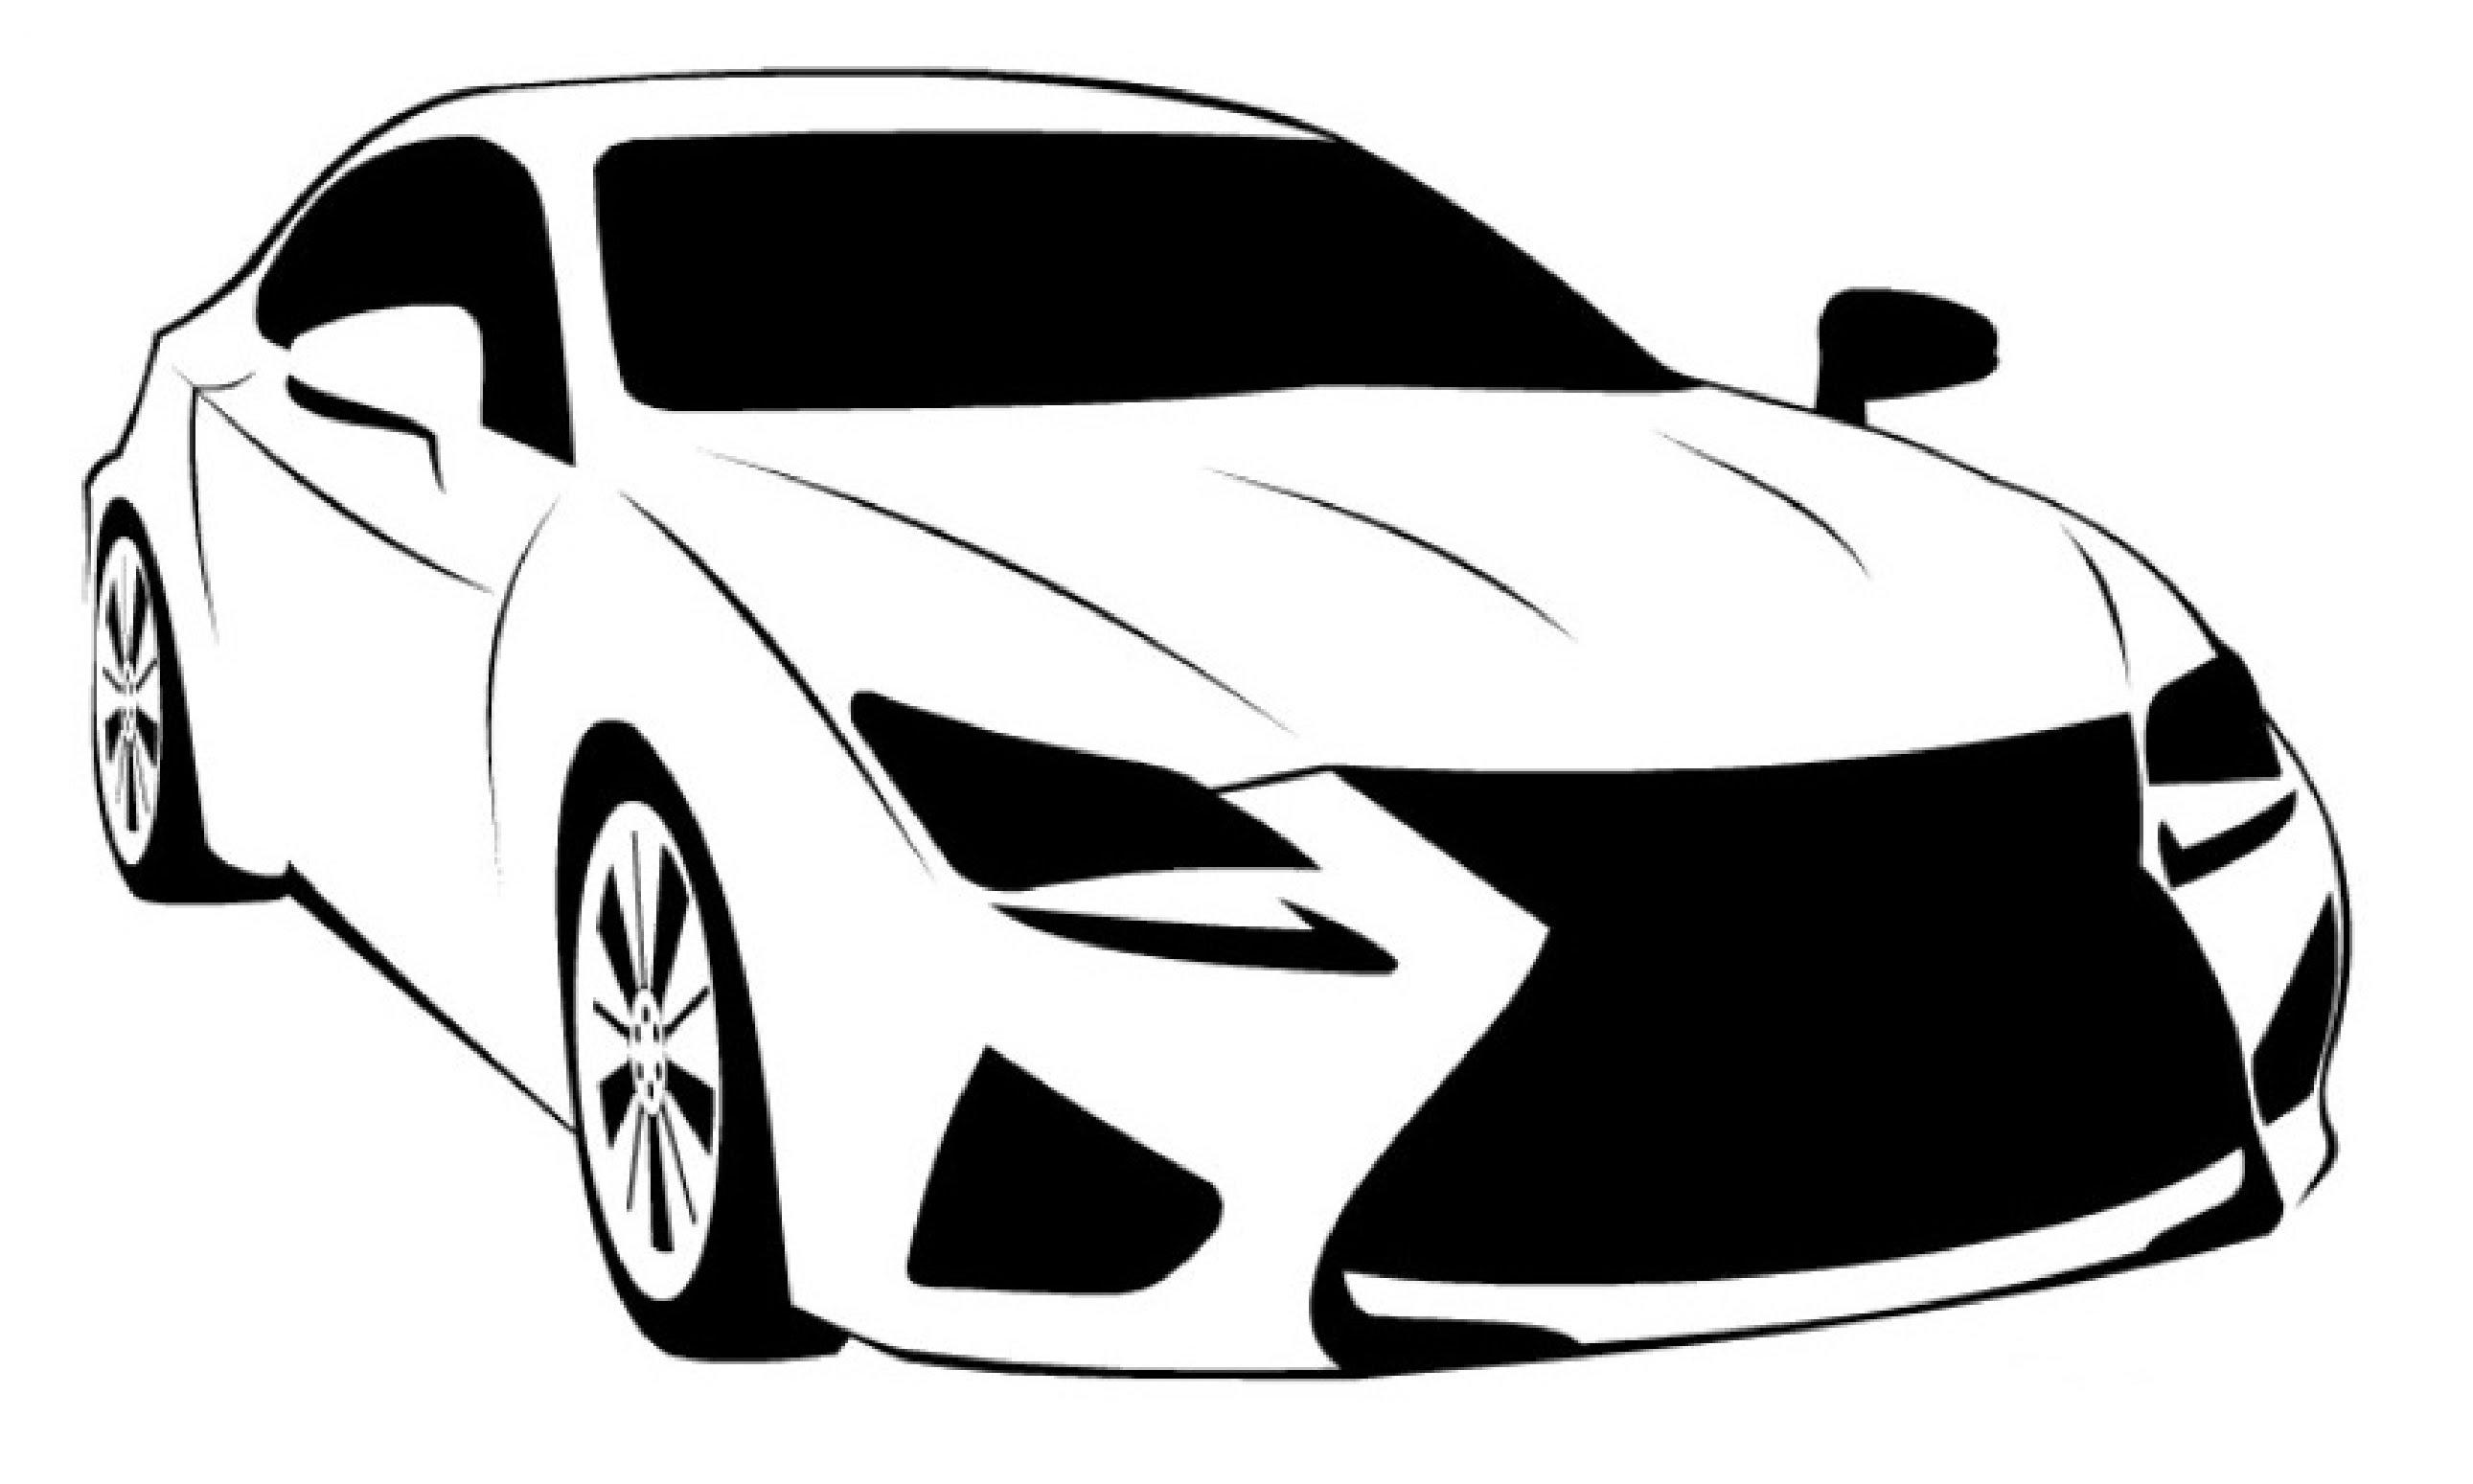 Luxiouros Car Clipart 20 Free Cliparts